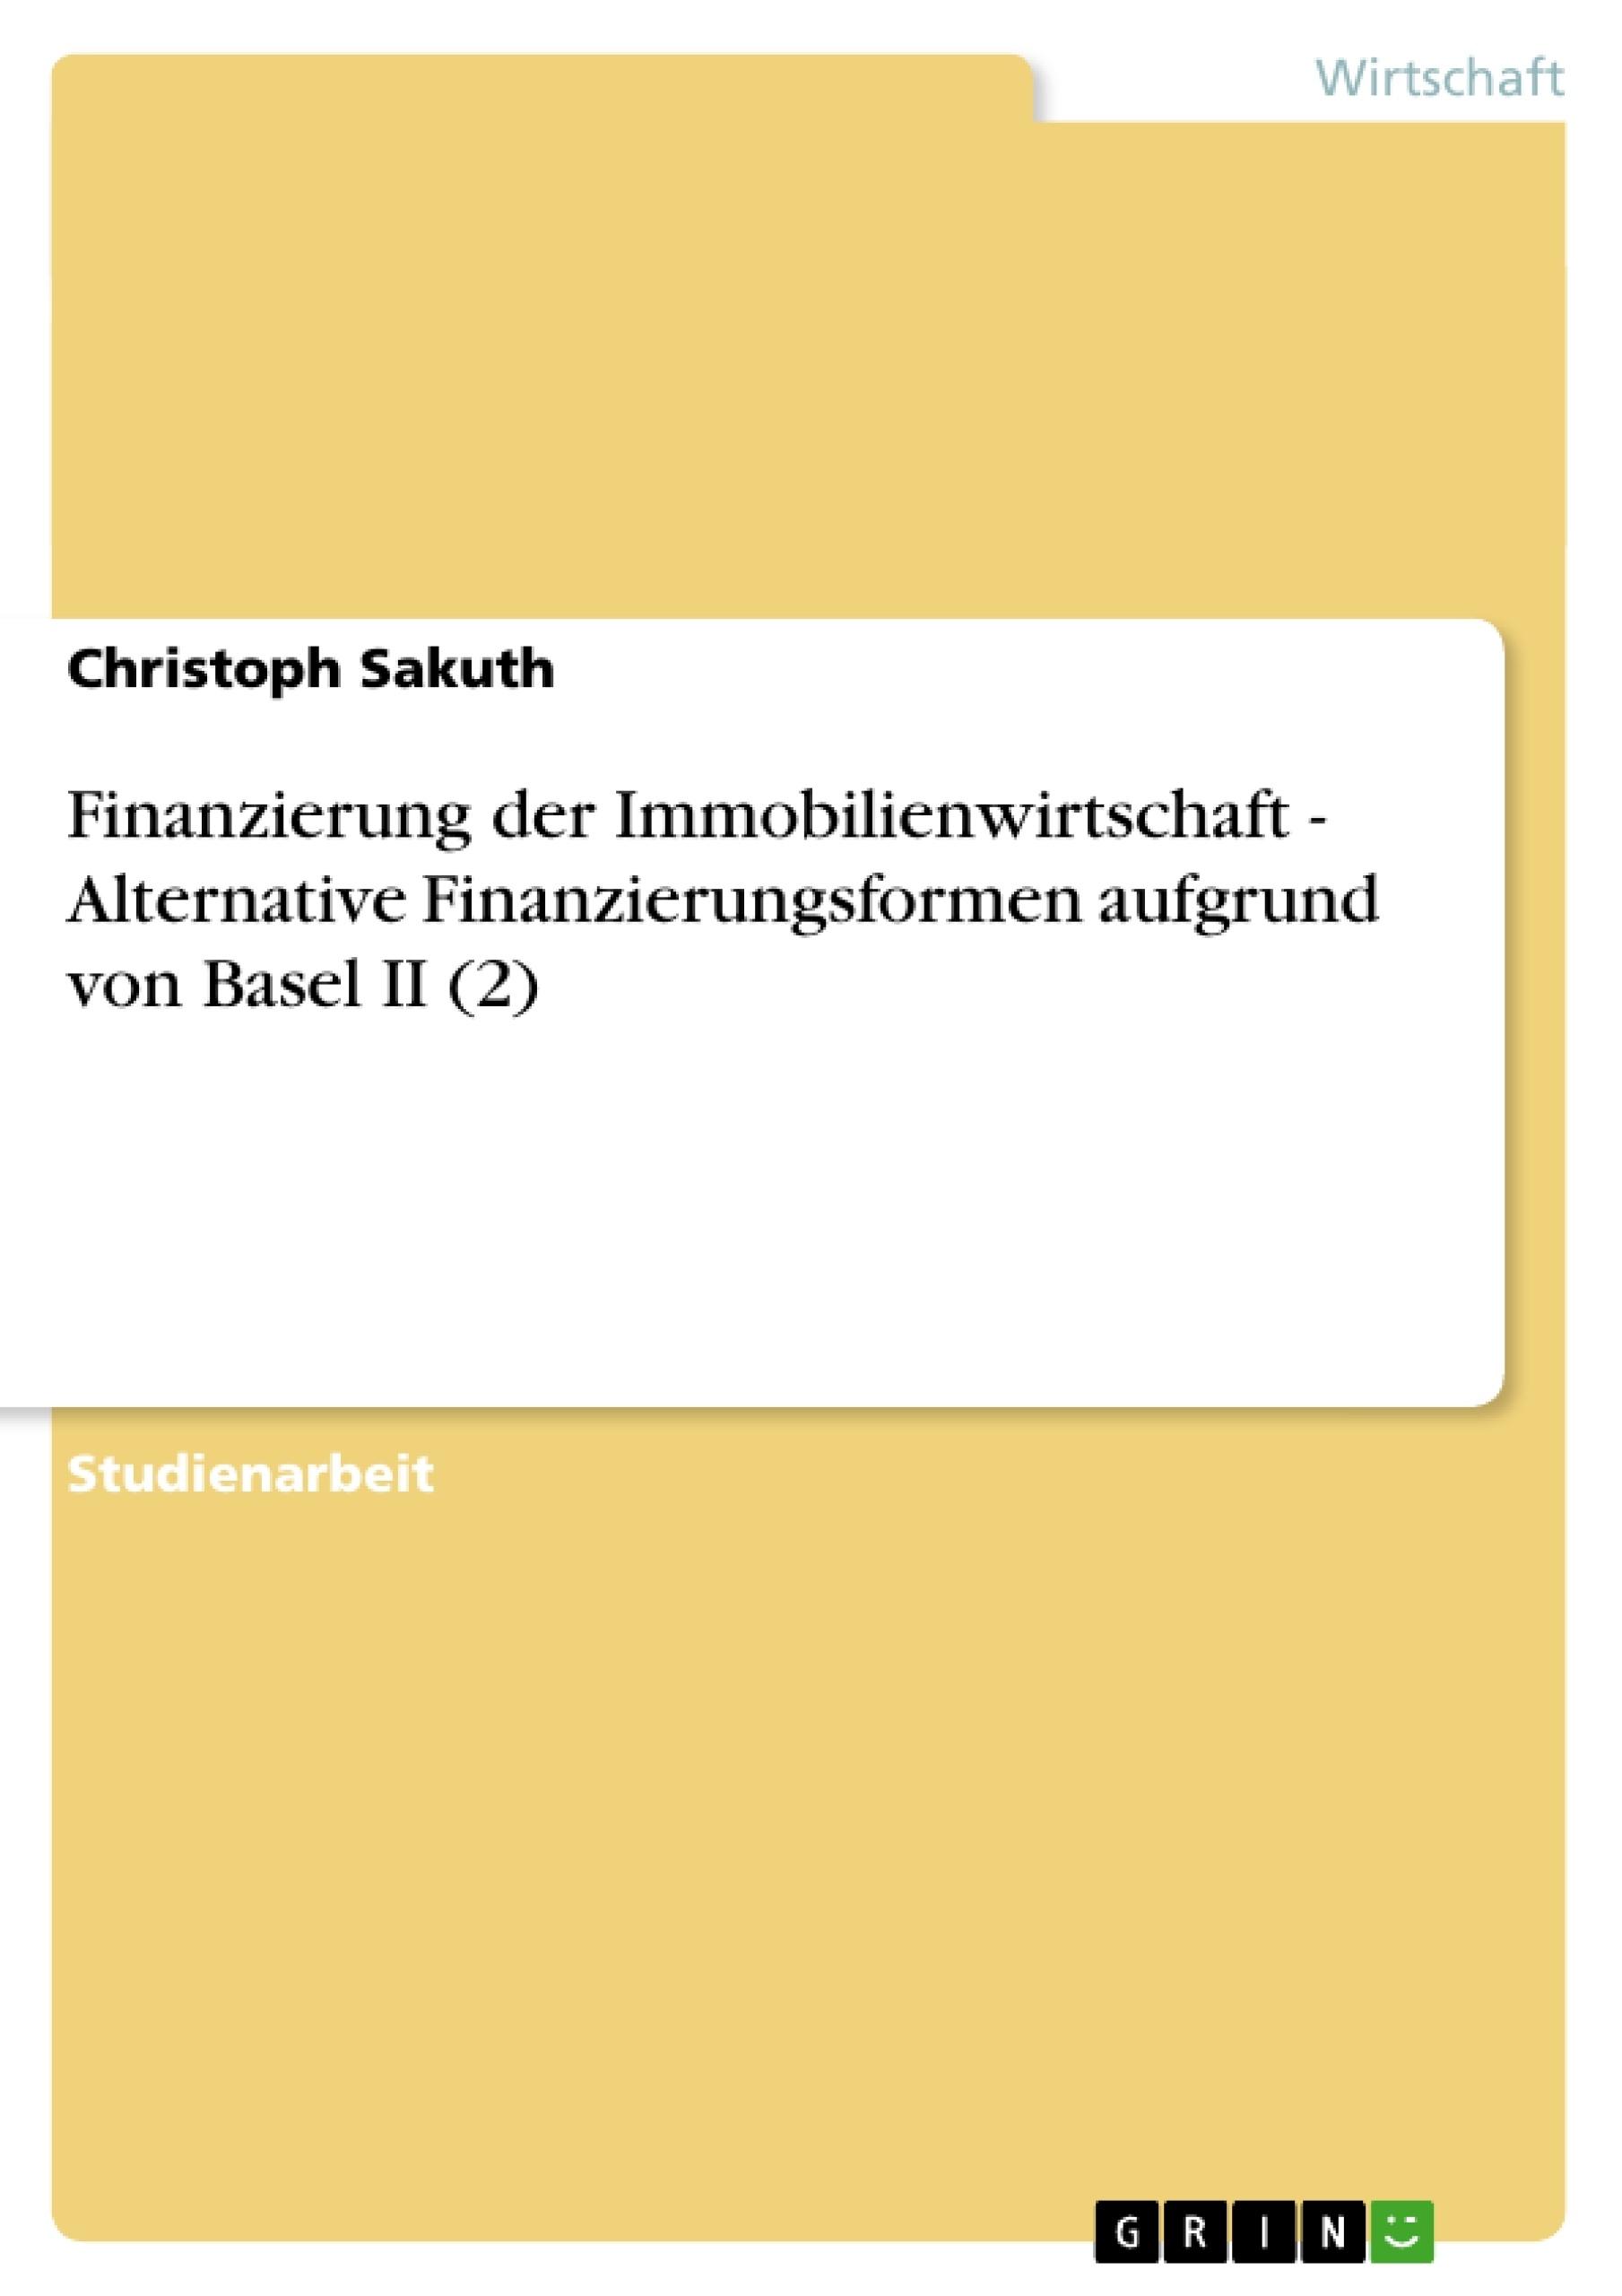 Titel: Finanzierung der Immobilienwirtschaft - Alternative Finanzierungsformen aufgrund von Basel II (2)